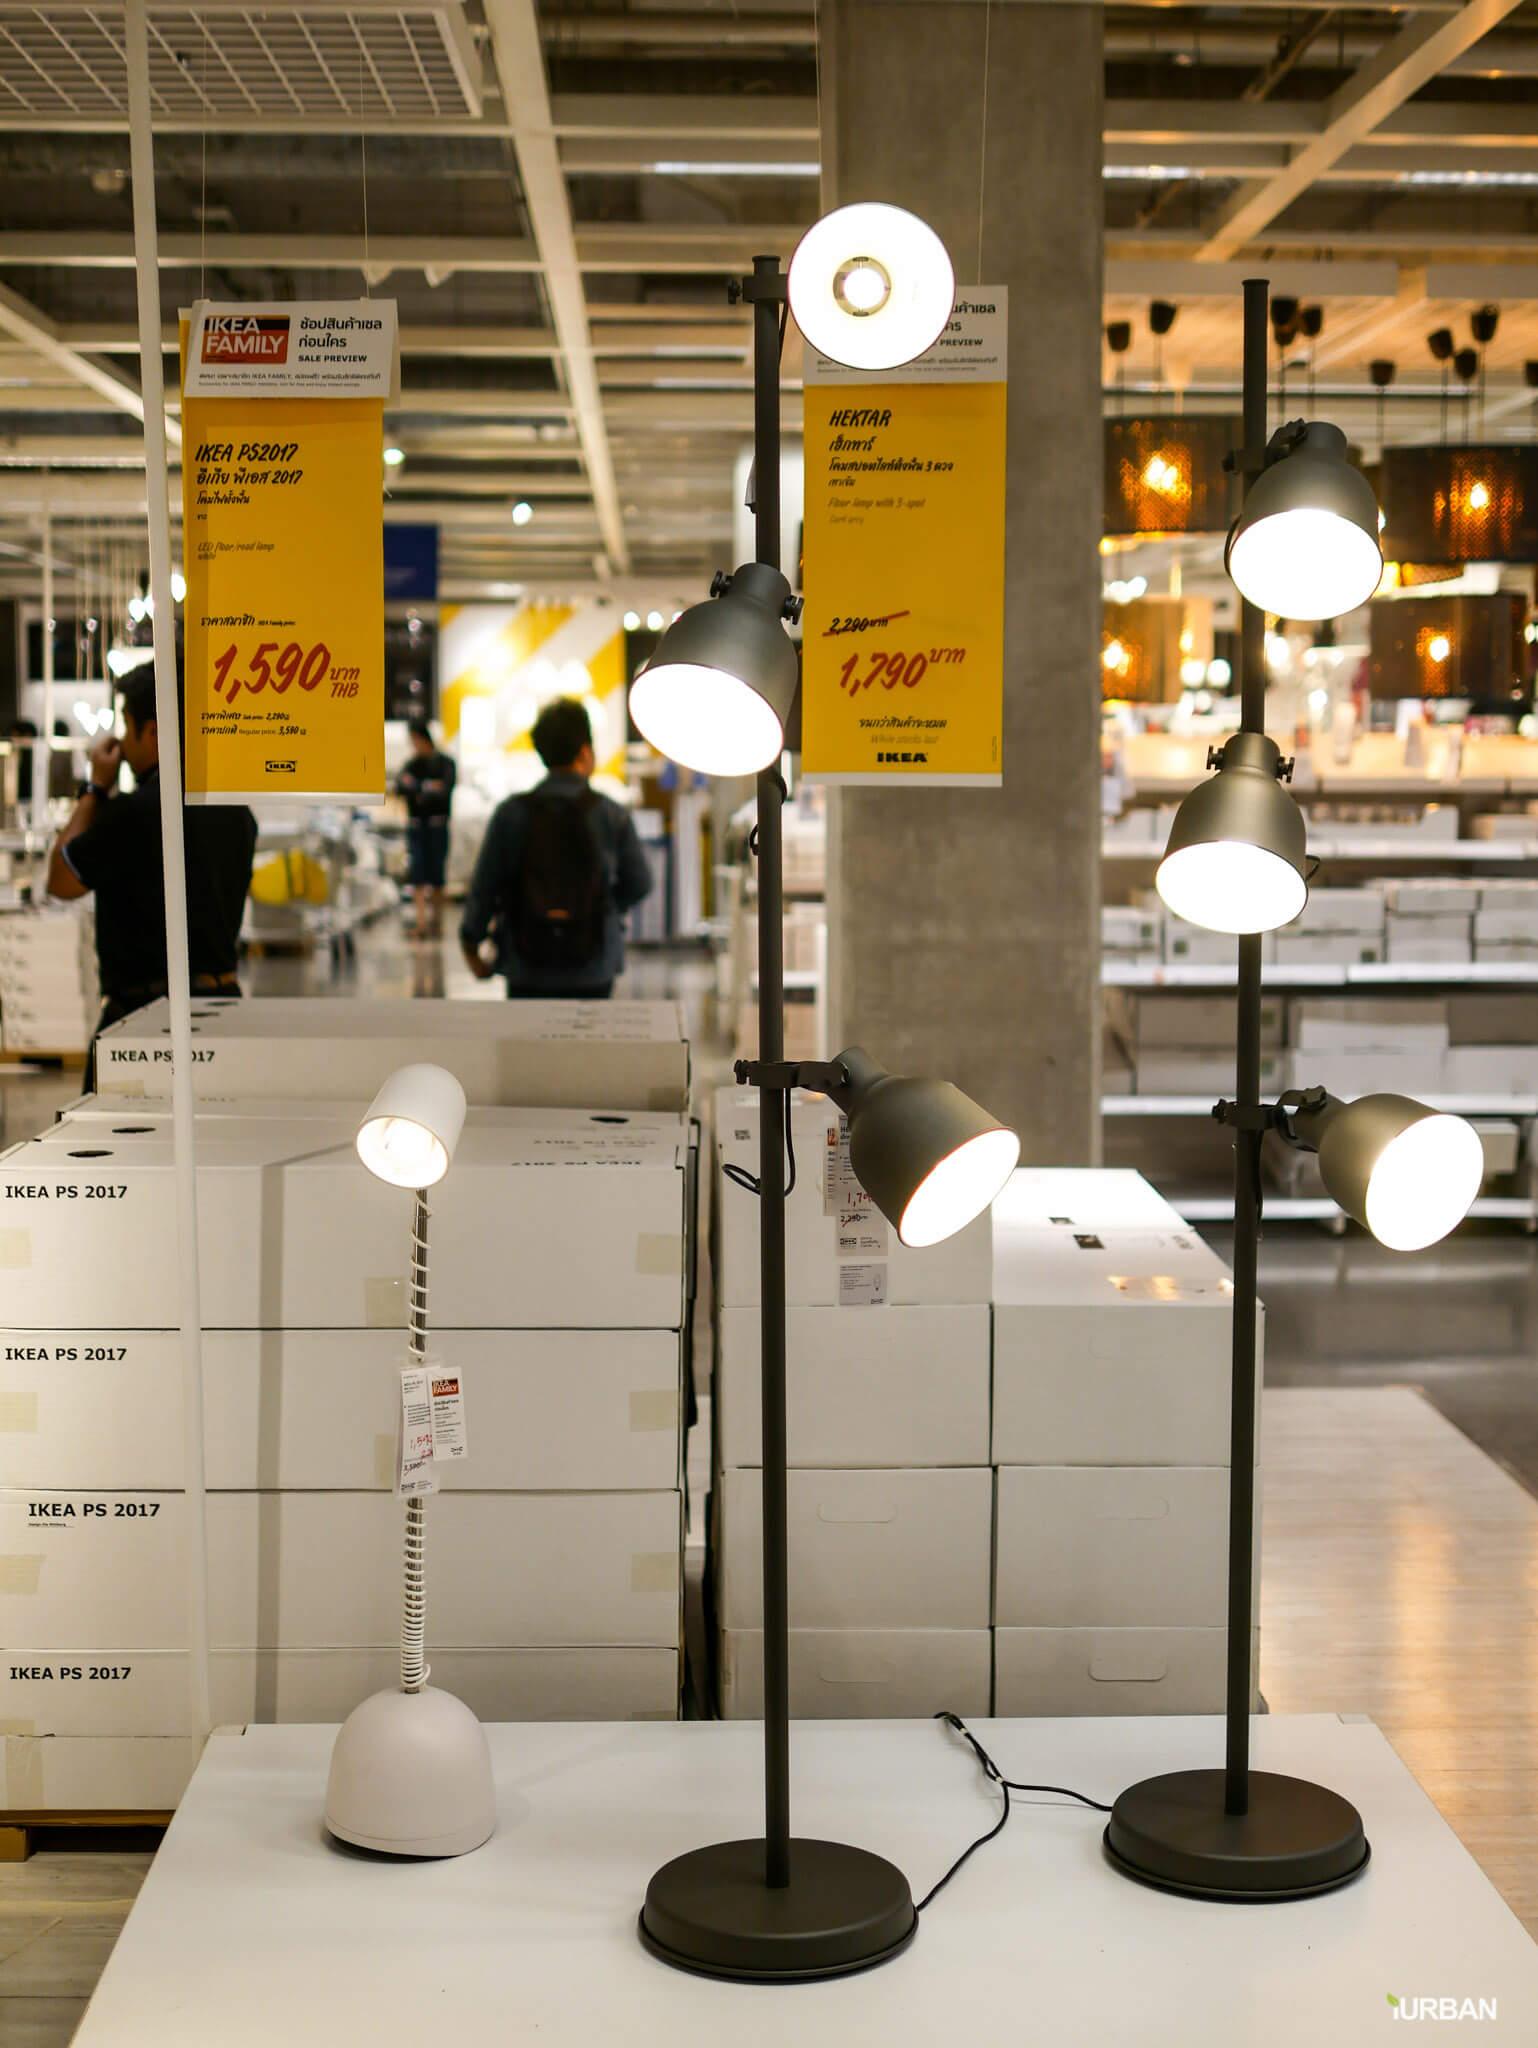 มันเยอะมากกกก!! IKEA Year End SALE 2017 รวมของเซลในอิเกีย ลดเยอะ ลดแหลก รีบพุ่งตัวไป วันนี้ - 7 มกราคม 61 178 - IKEA (อิเกีย)